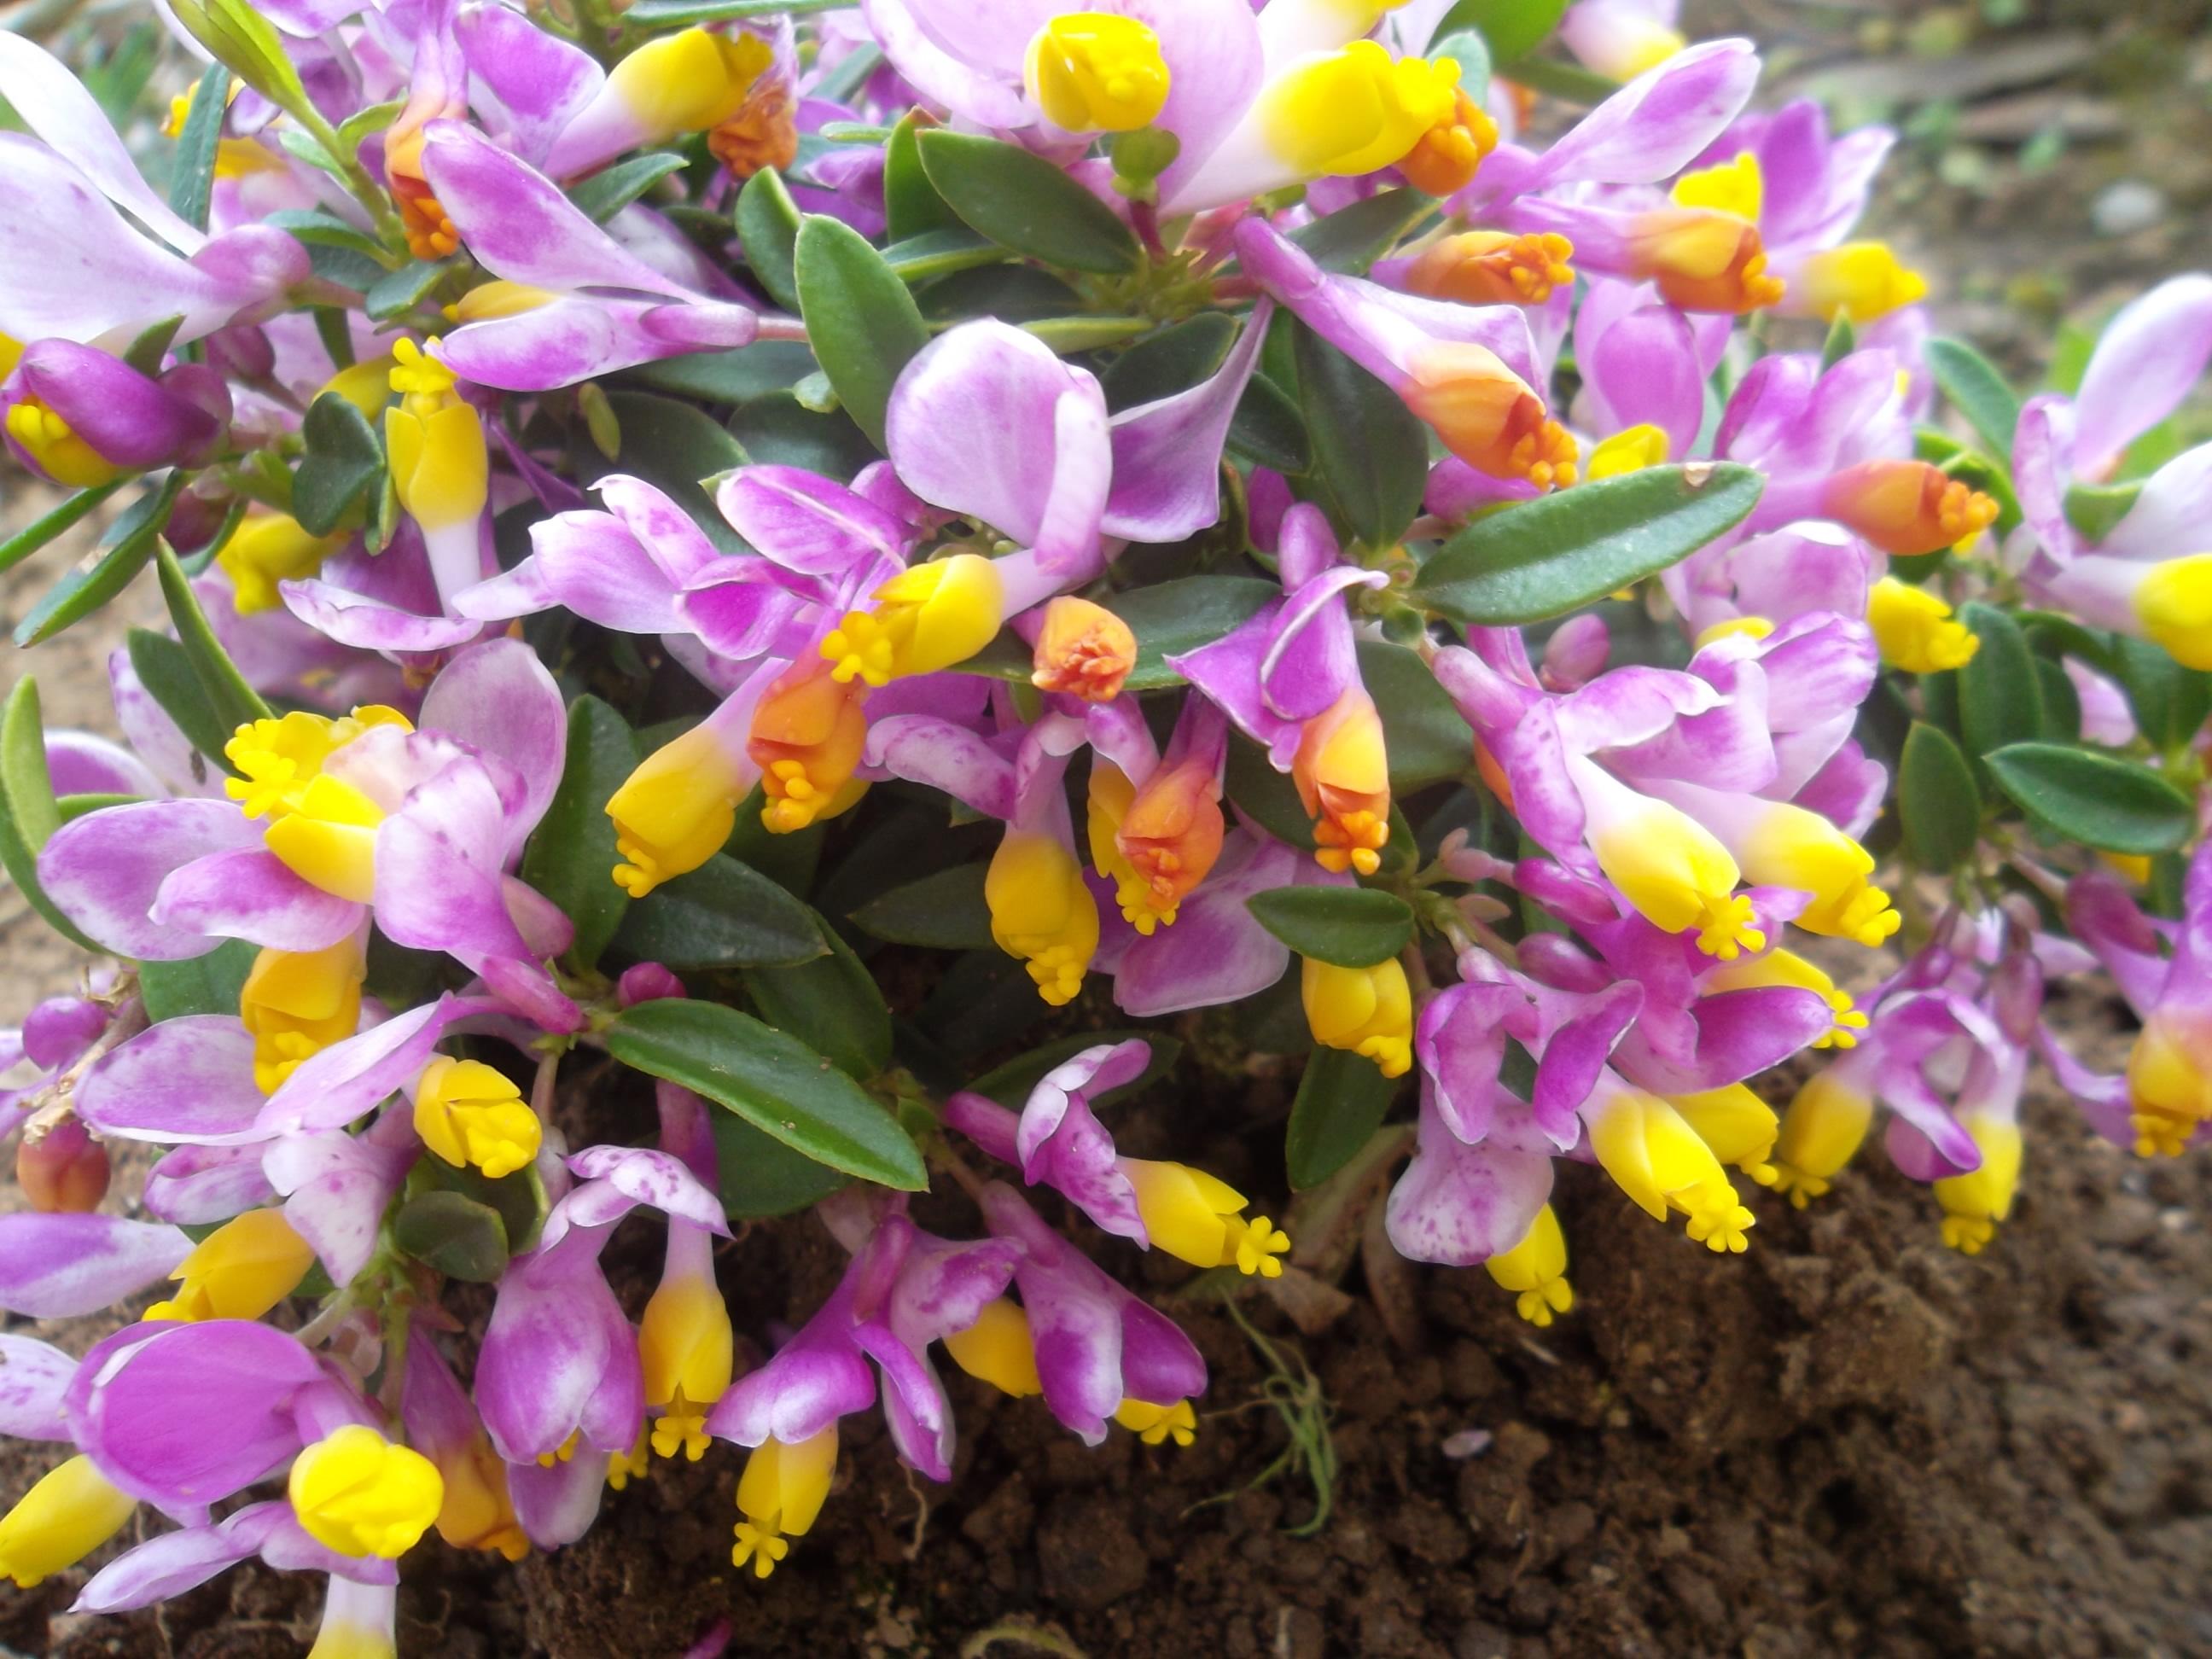 Polygala plante vivace fleurs rose et jaune odorante for Plantes et fleurs vivaces